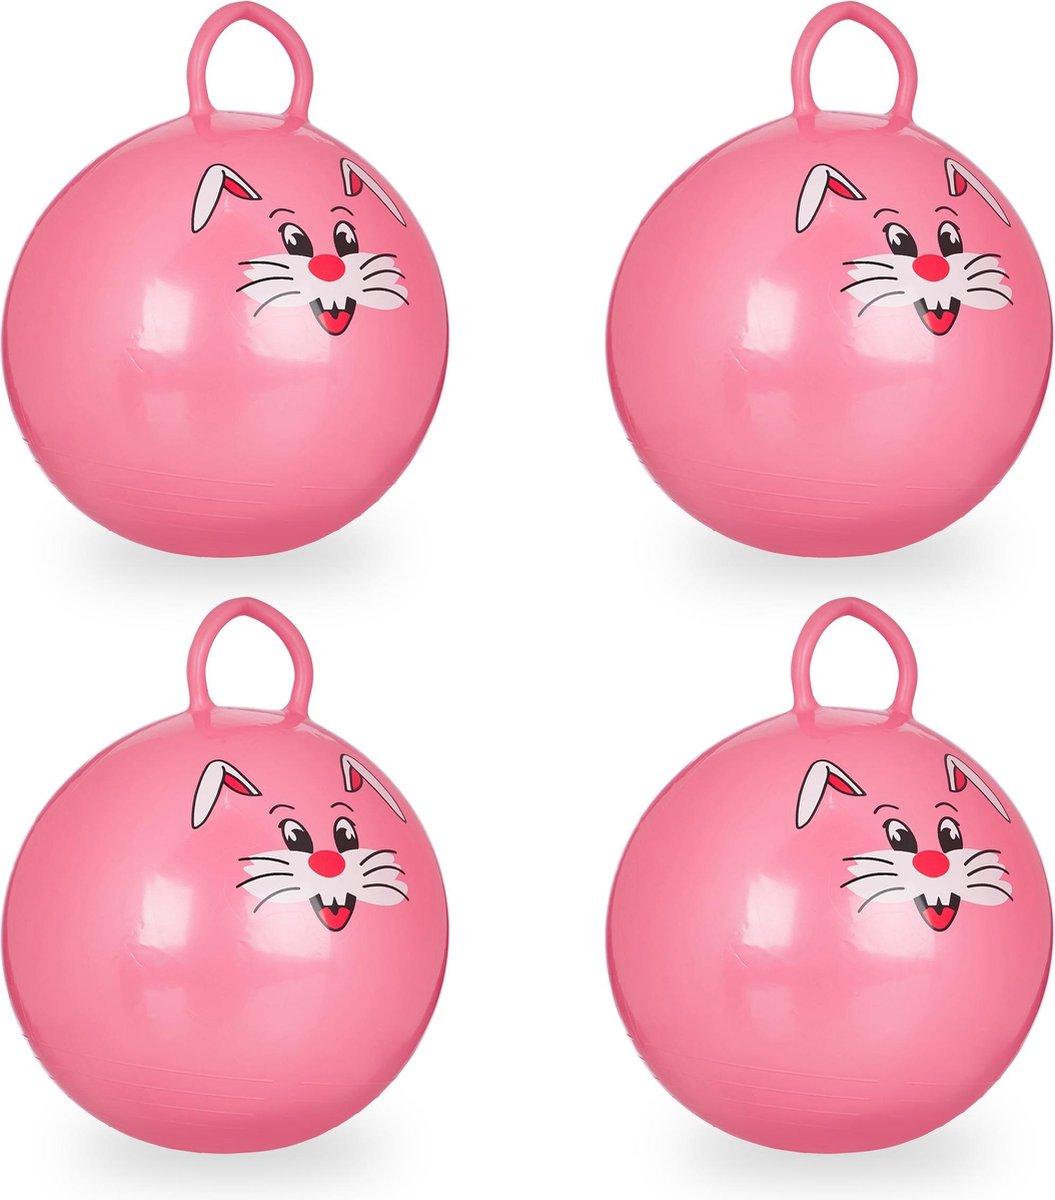 relaxdays 4 x skippybal in set - voor kinderen - Met konijn opdruk - springbal - roze